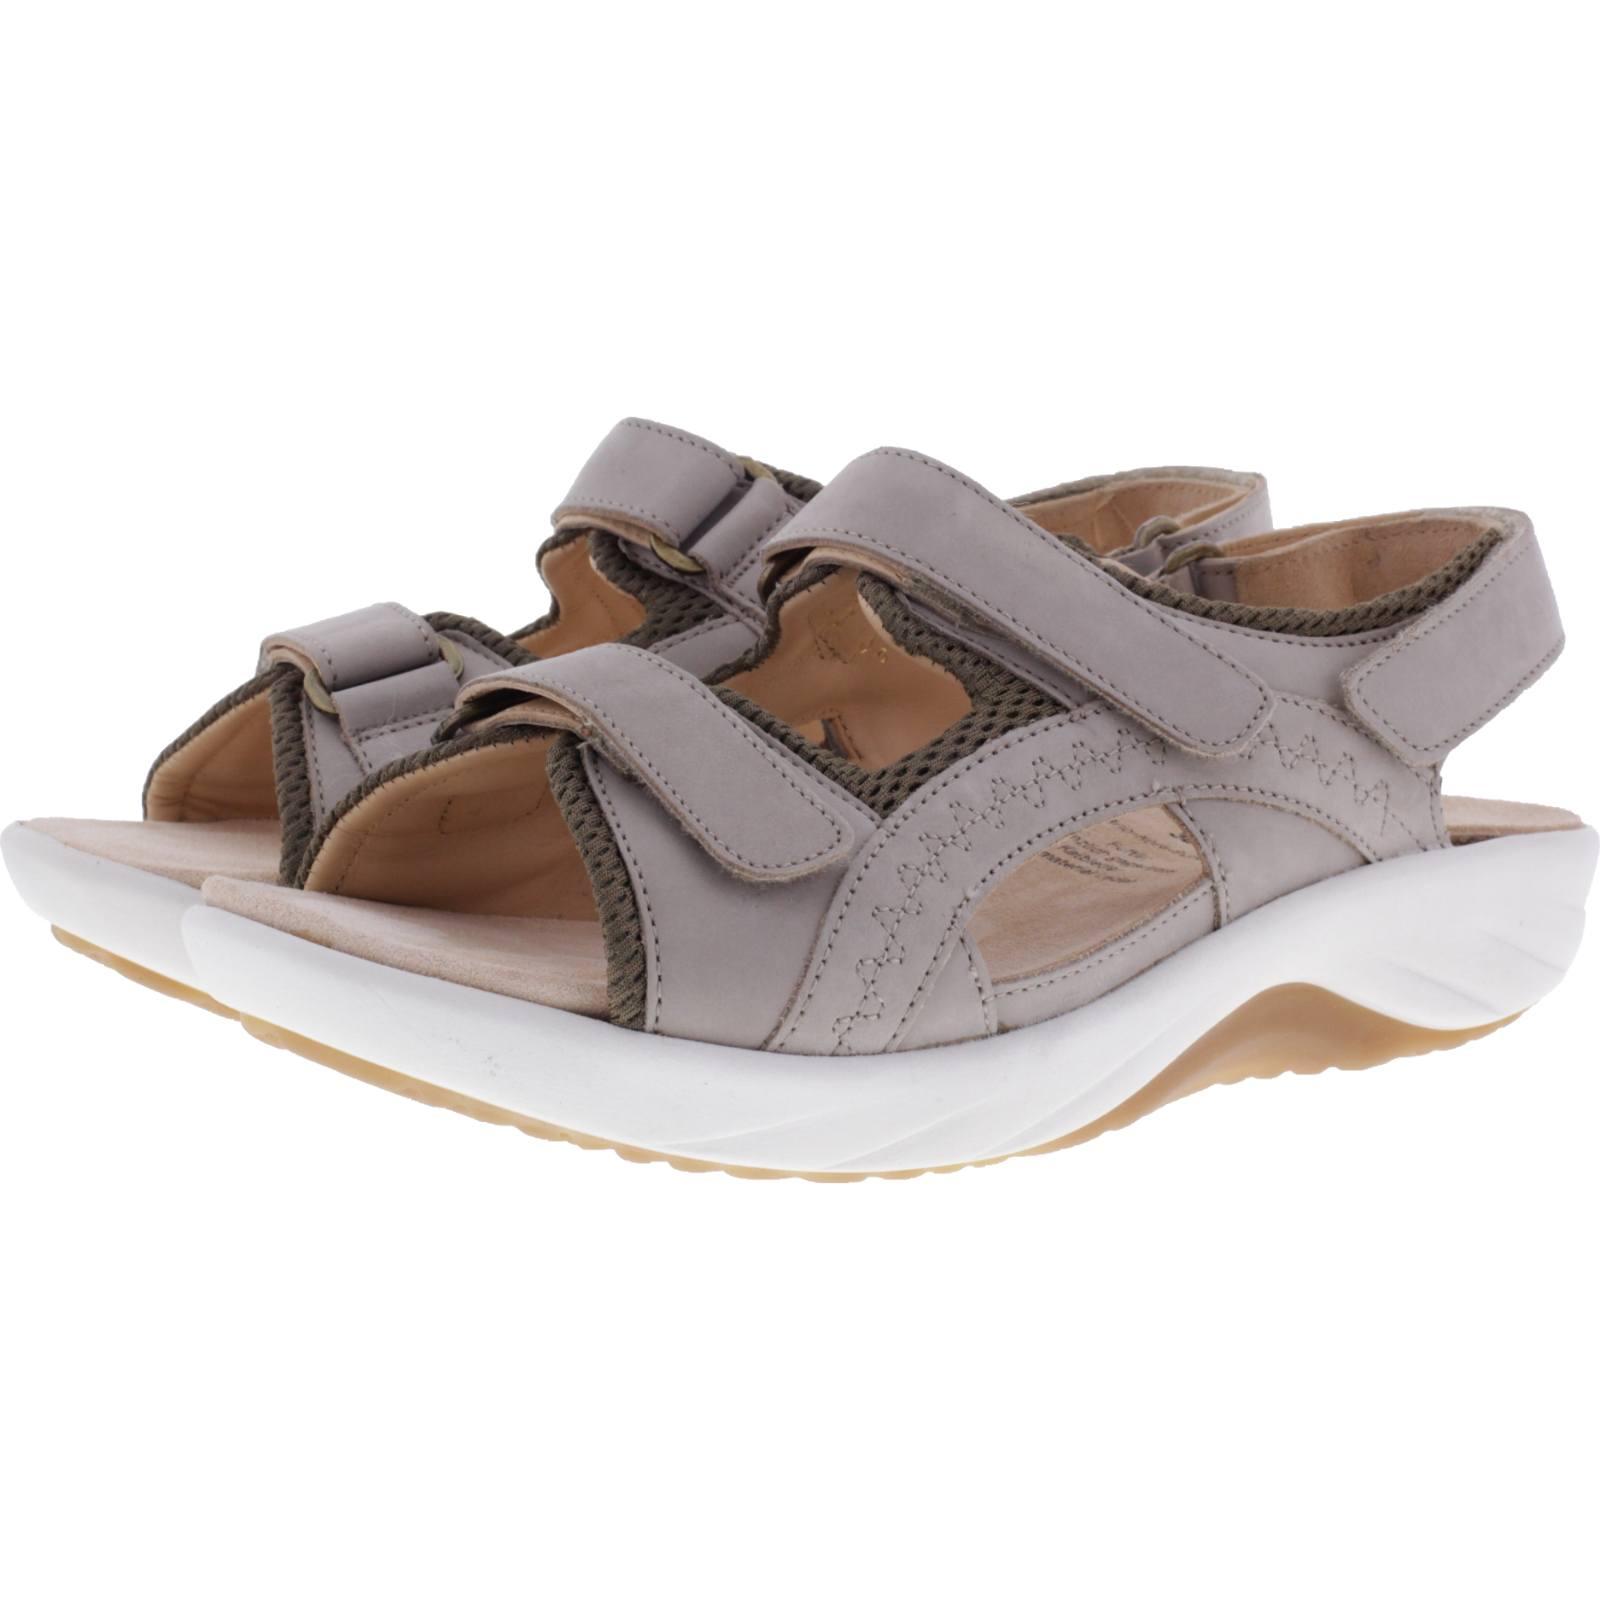 823b6e0adbcdc6 Ganter Schuhe bequem online kaufen - Ganter Schuhe Online Shop